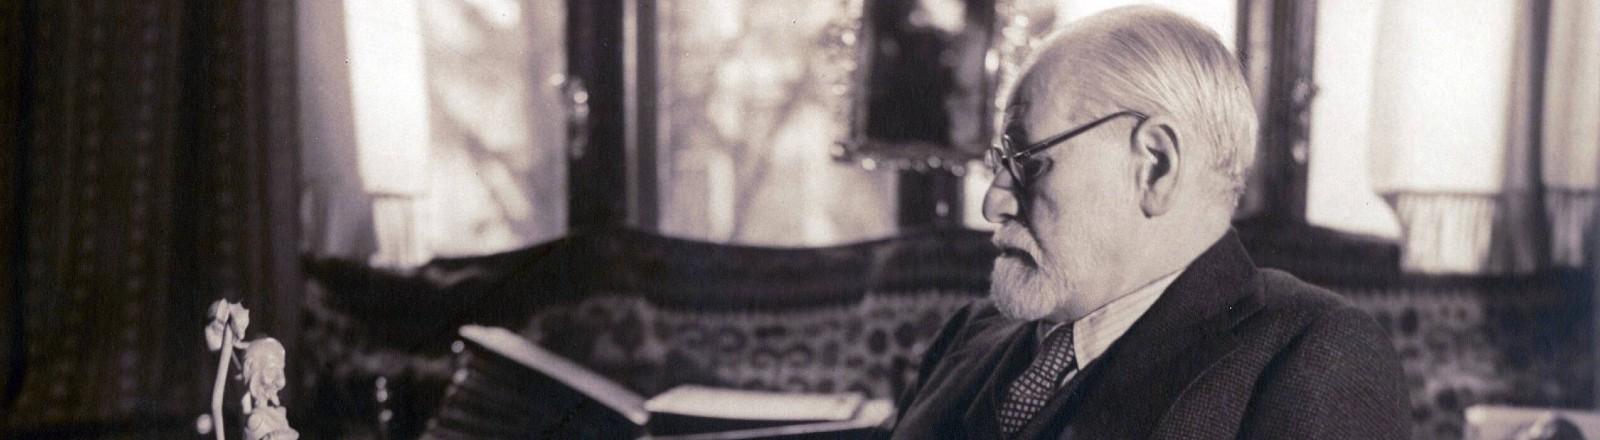 Sigmund Freud sitzt an seinem Schreibtisch